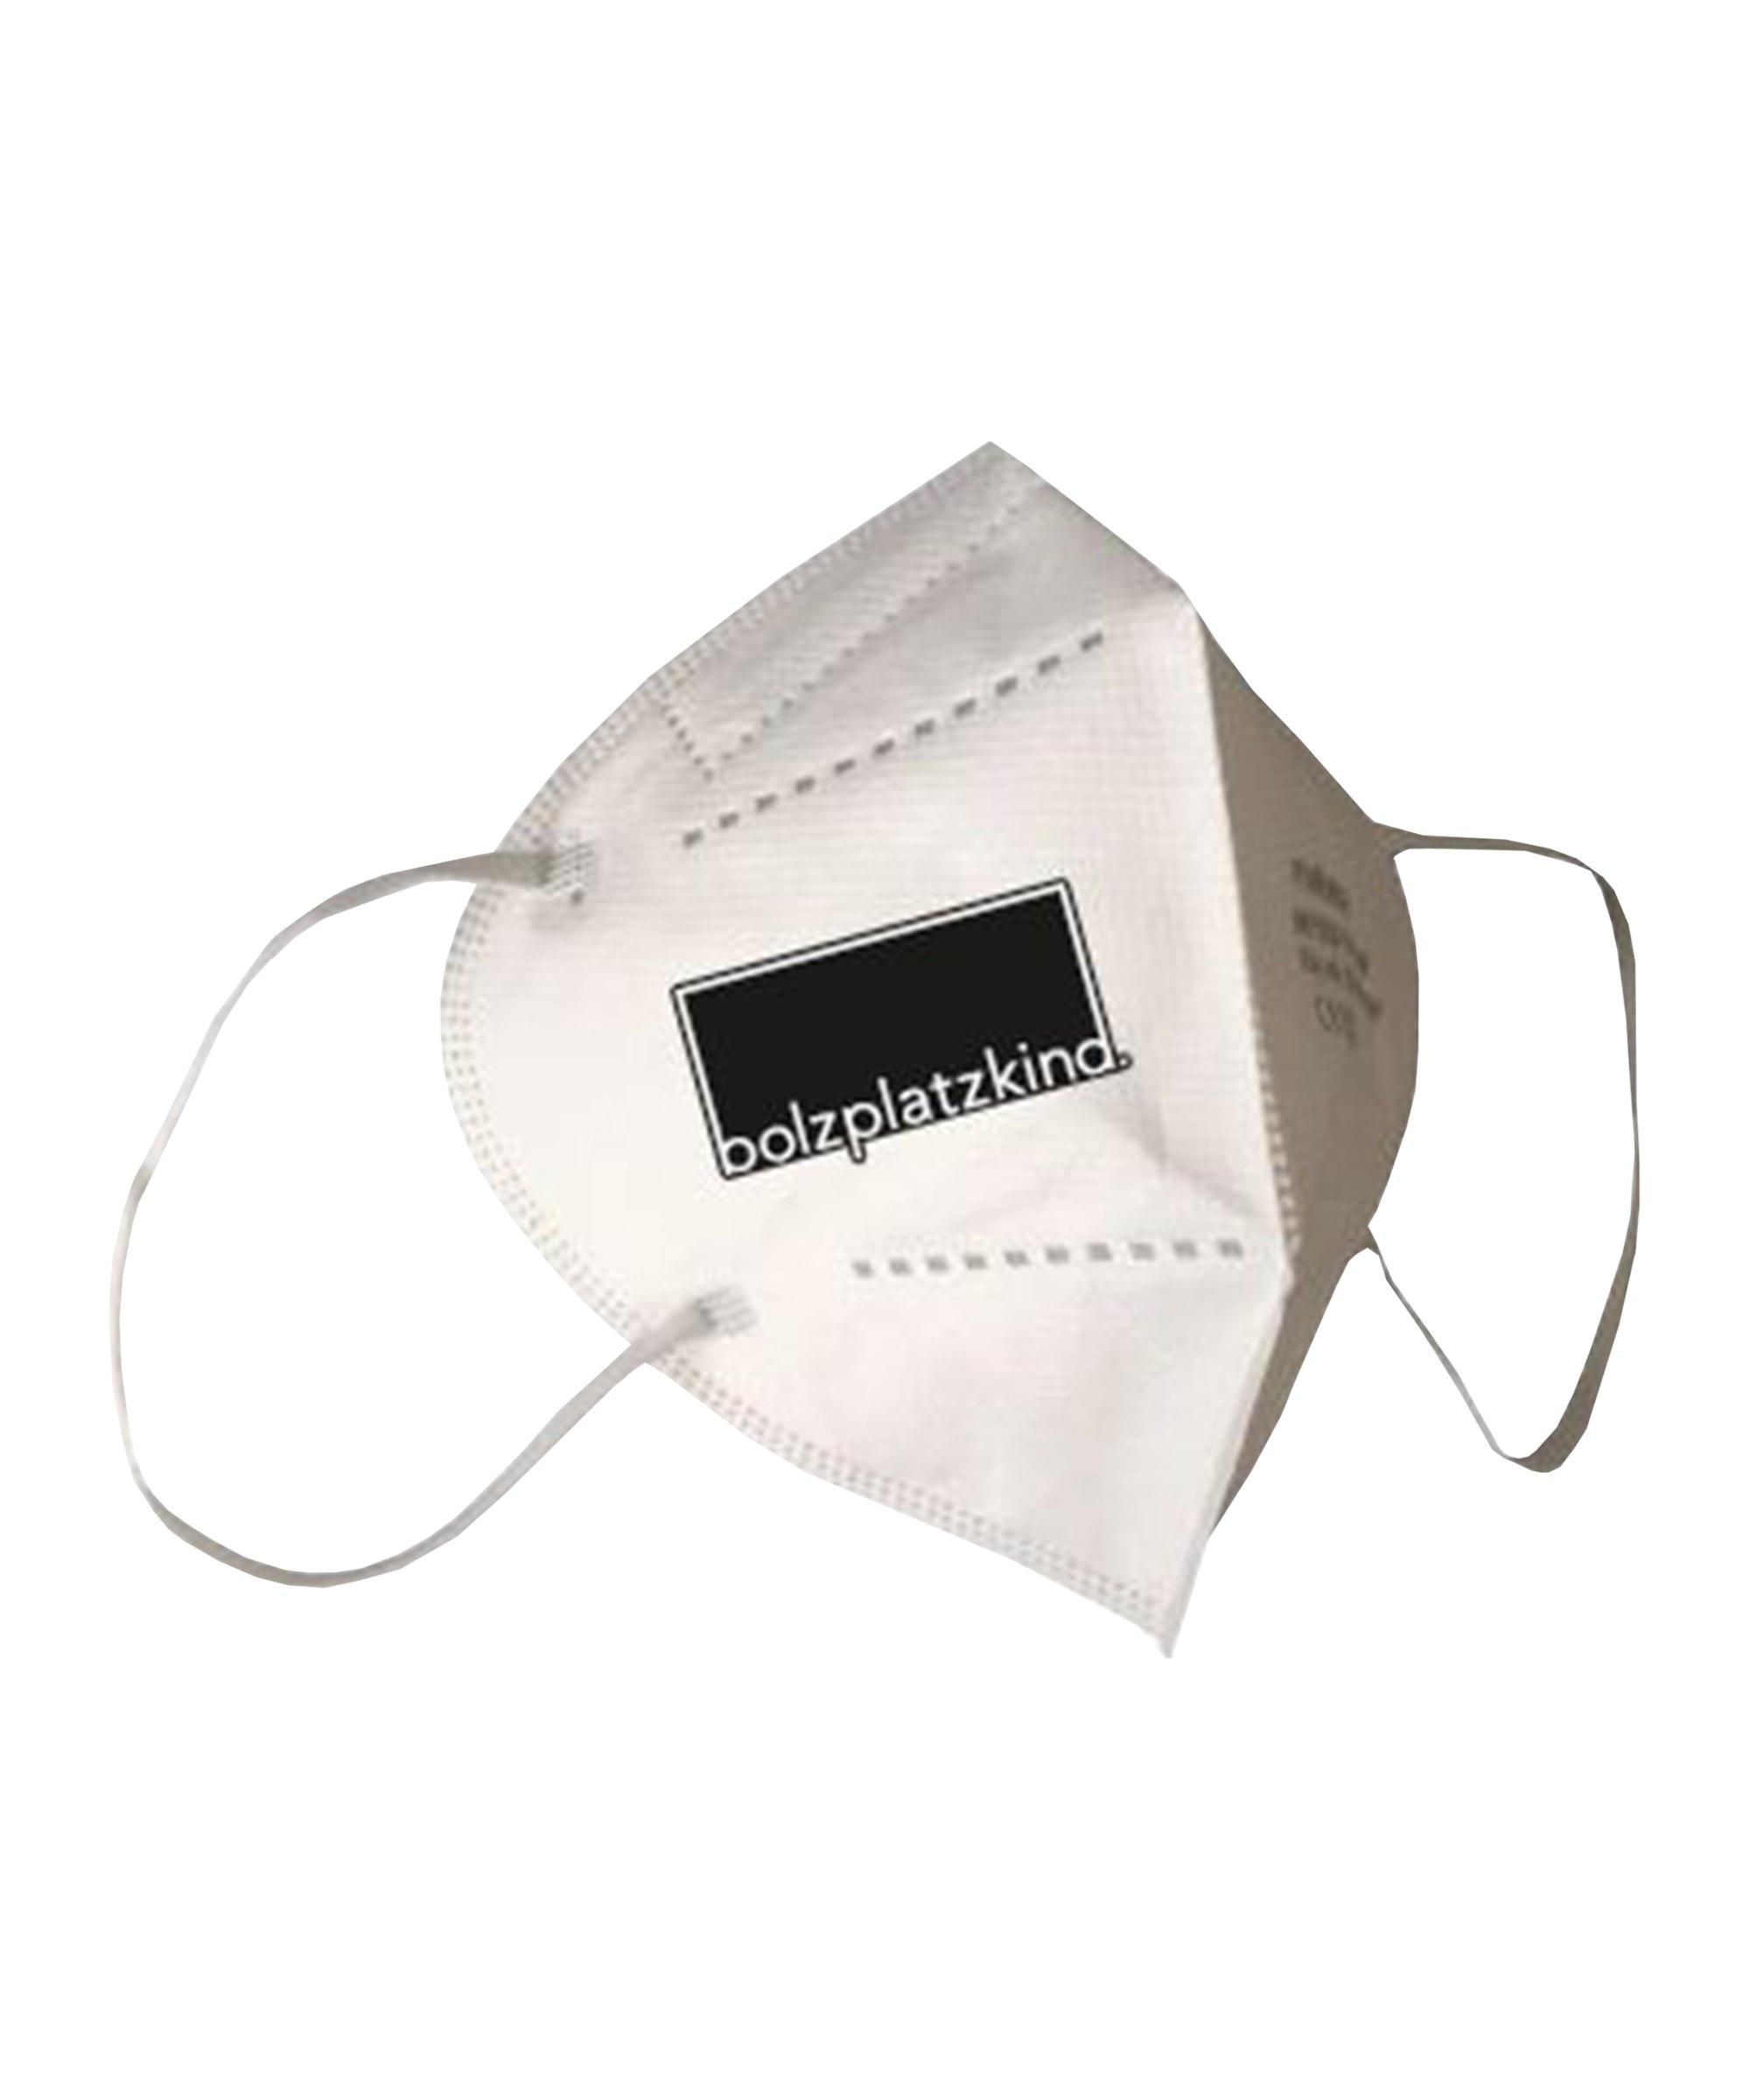 Bolzplatzkind FFP2 Einweg-Gesichtsmaske CE Weiss - weiss